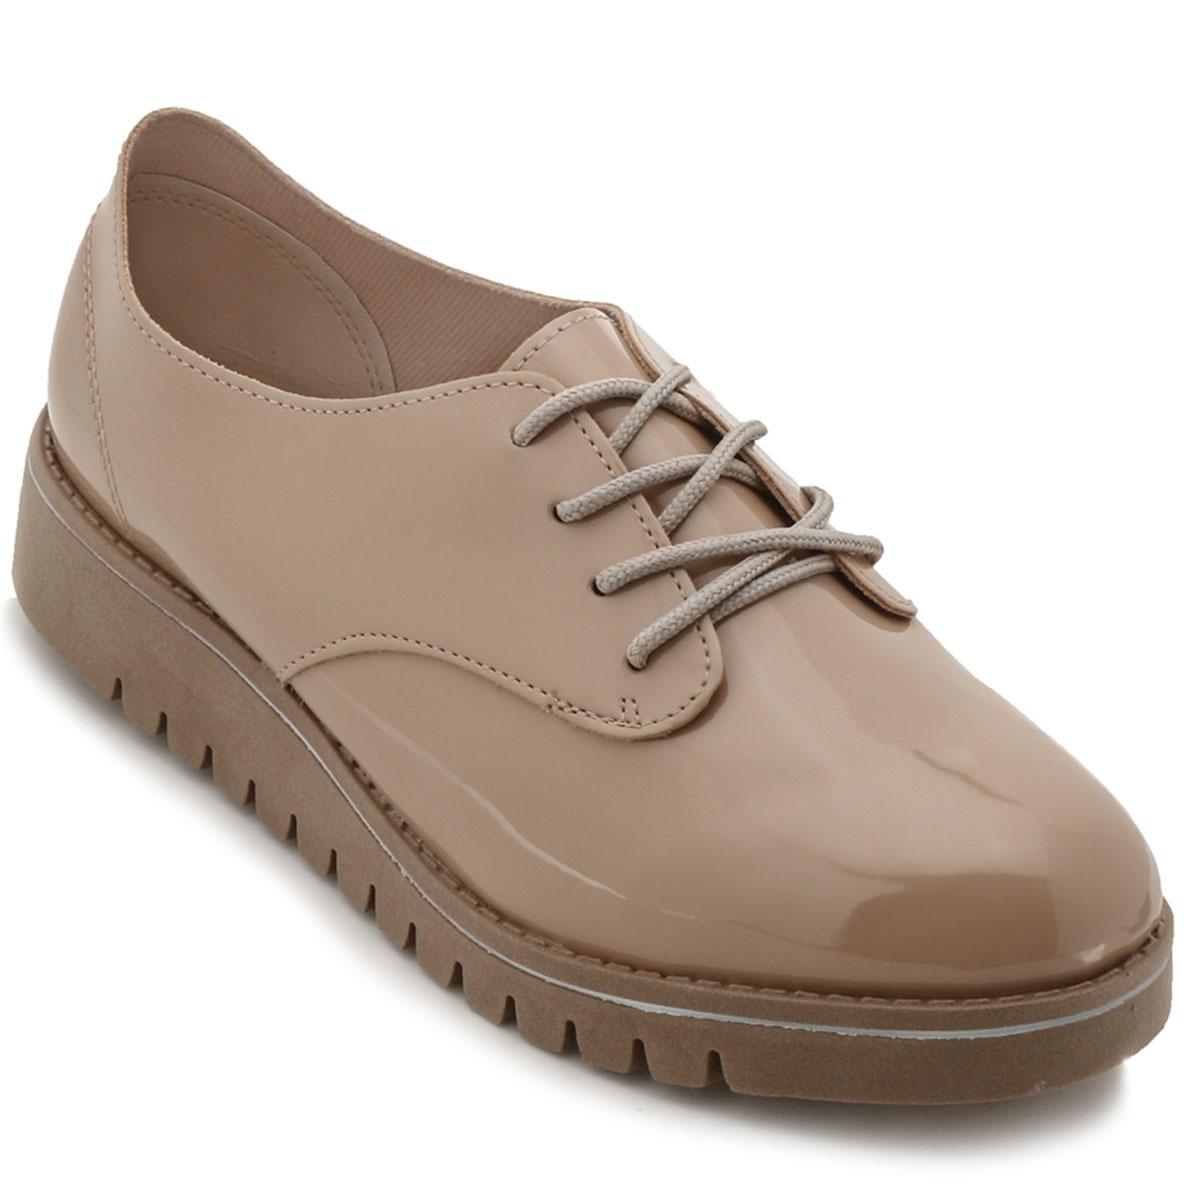 fca077770e sapato feminino oxford beira rio conforto bege - 4174419. Carregando zoom.